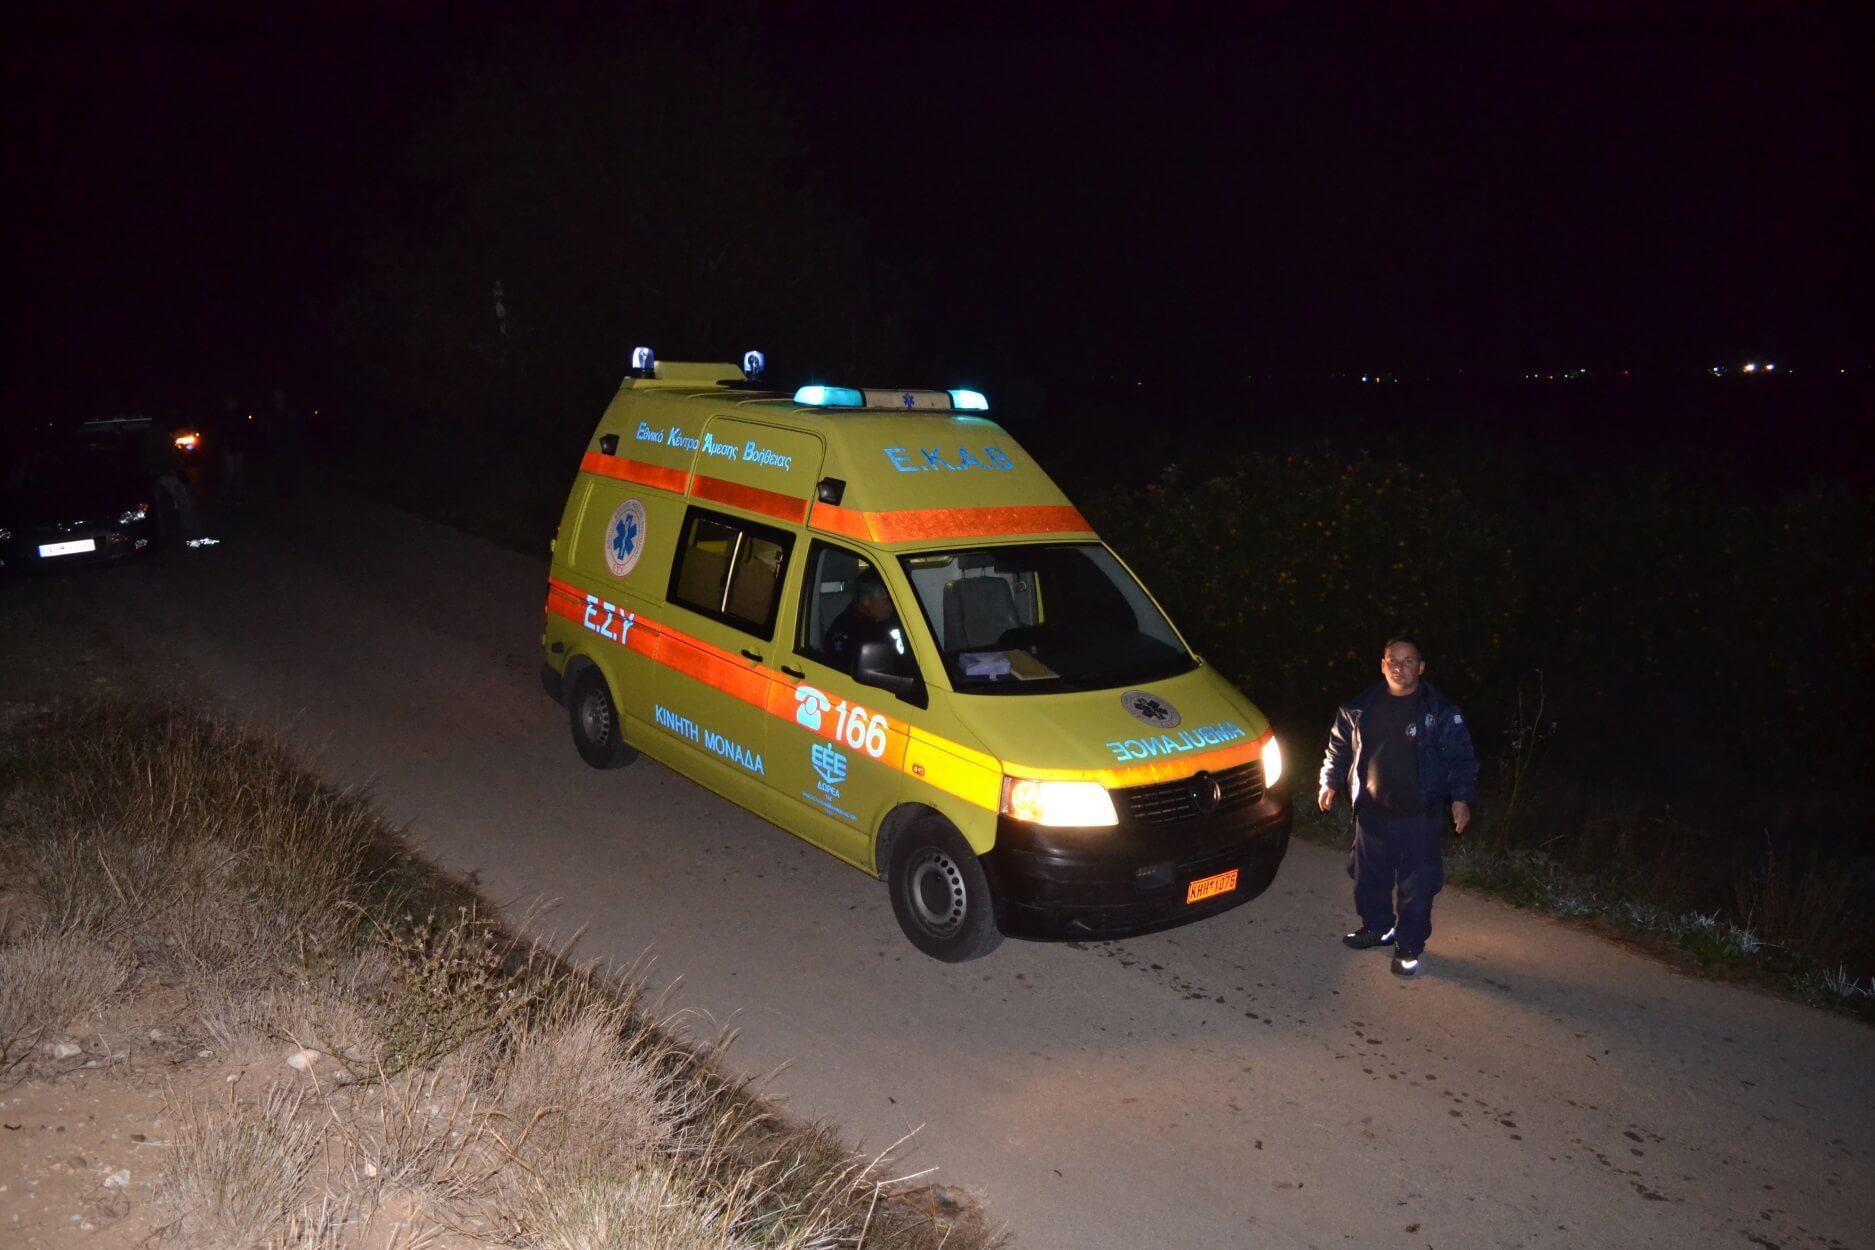 Κάλαμος: Αυτοκίνητο με έναν ηλικιωμένο έπεσε στη θάλασσα